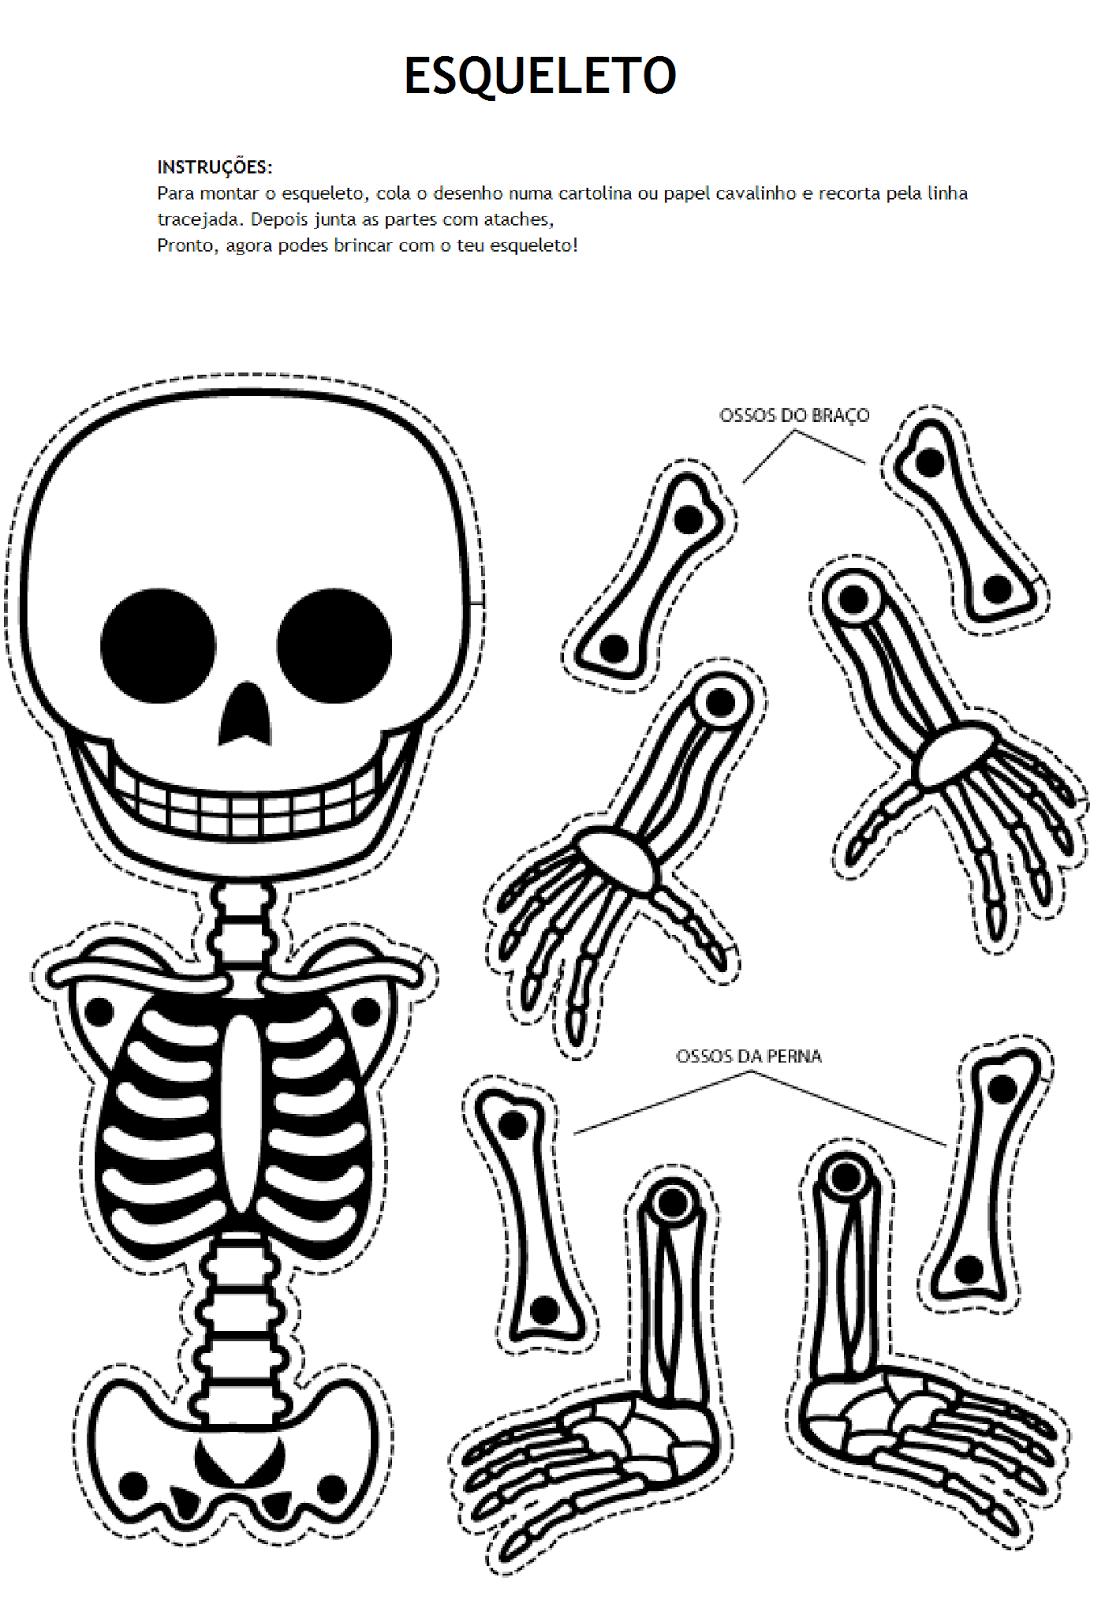 Esqueleto Png 1120 1600 Esqueleto Para Armar Esqueleto Humano Para Niños Arte De Halloween